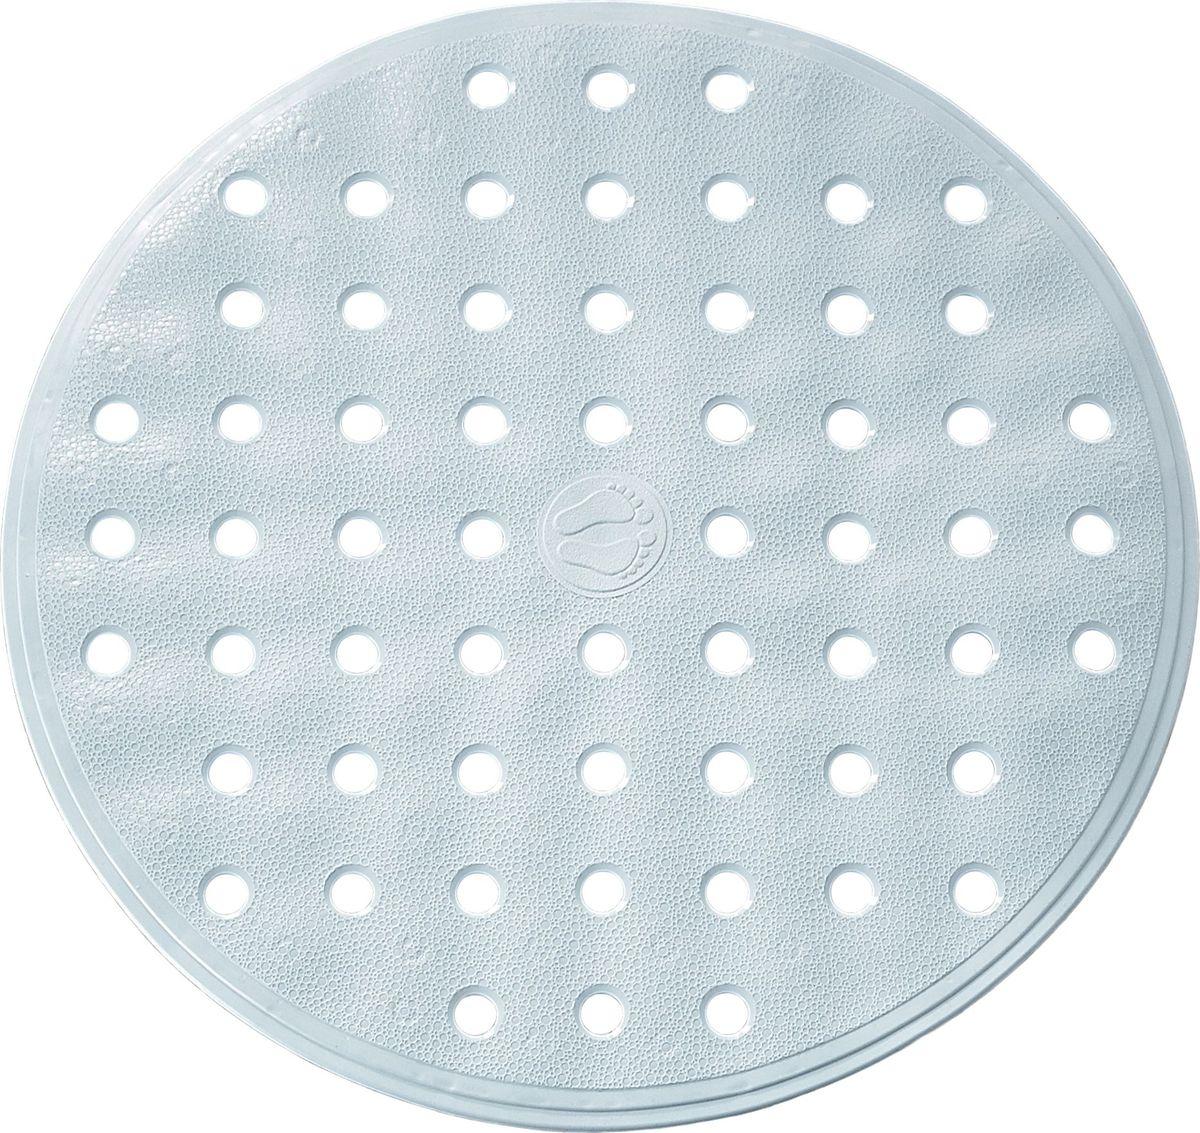 Коврик для ванной Ridder Action, противоскользящий, цвет: серый, диаметр 53 см babyono коврик противоскользящий для ванной цвет оранжевый 55 х 35 см